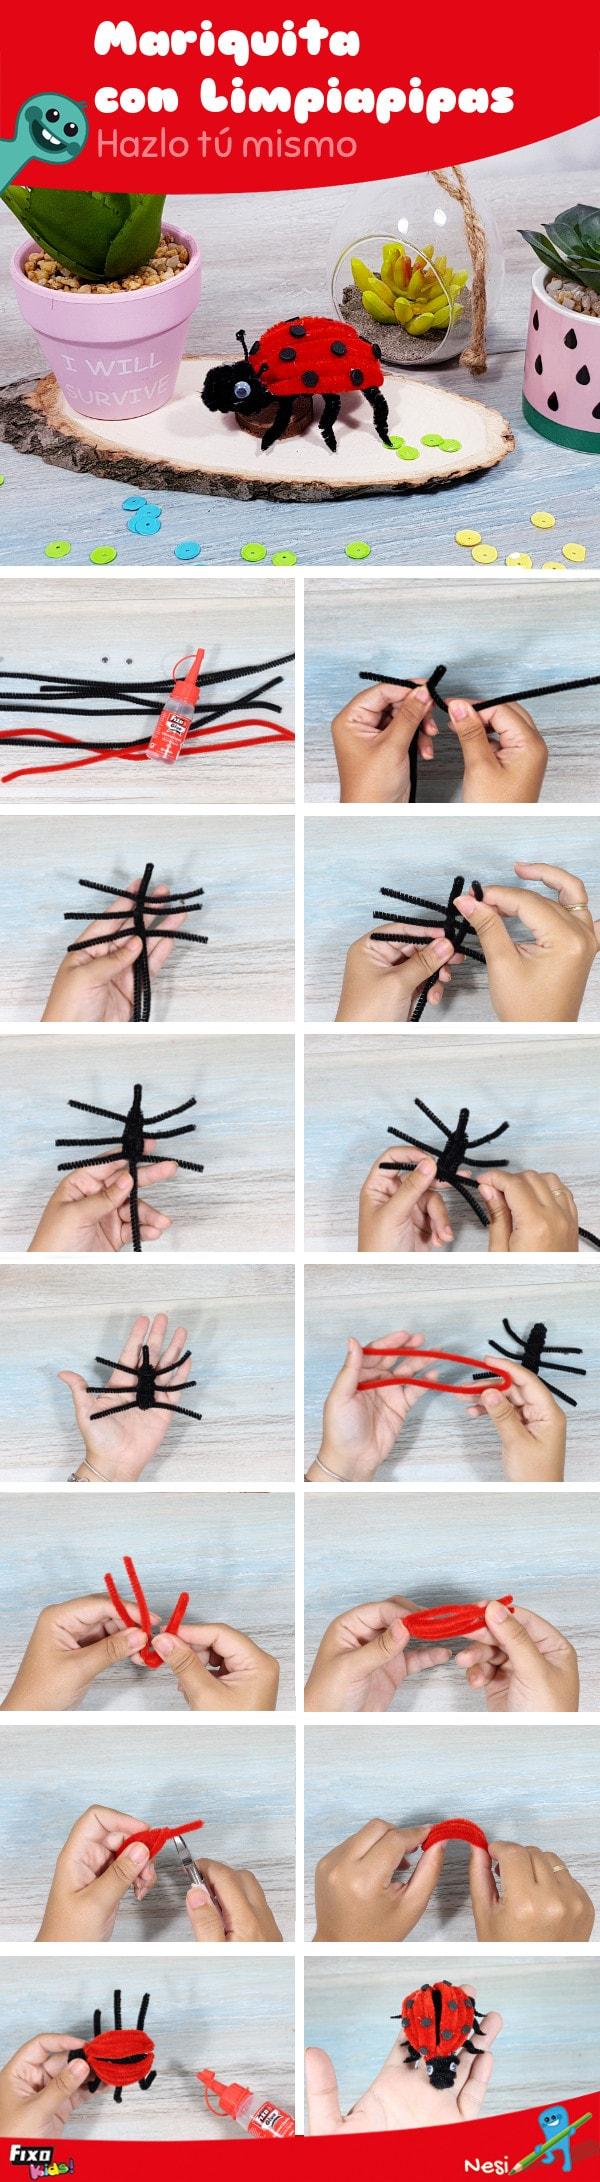 manualidad infantil cómo hacer un animal con limpiapipas